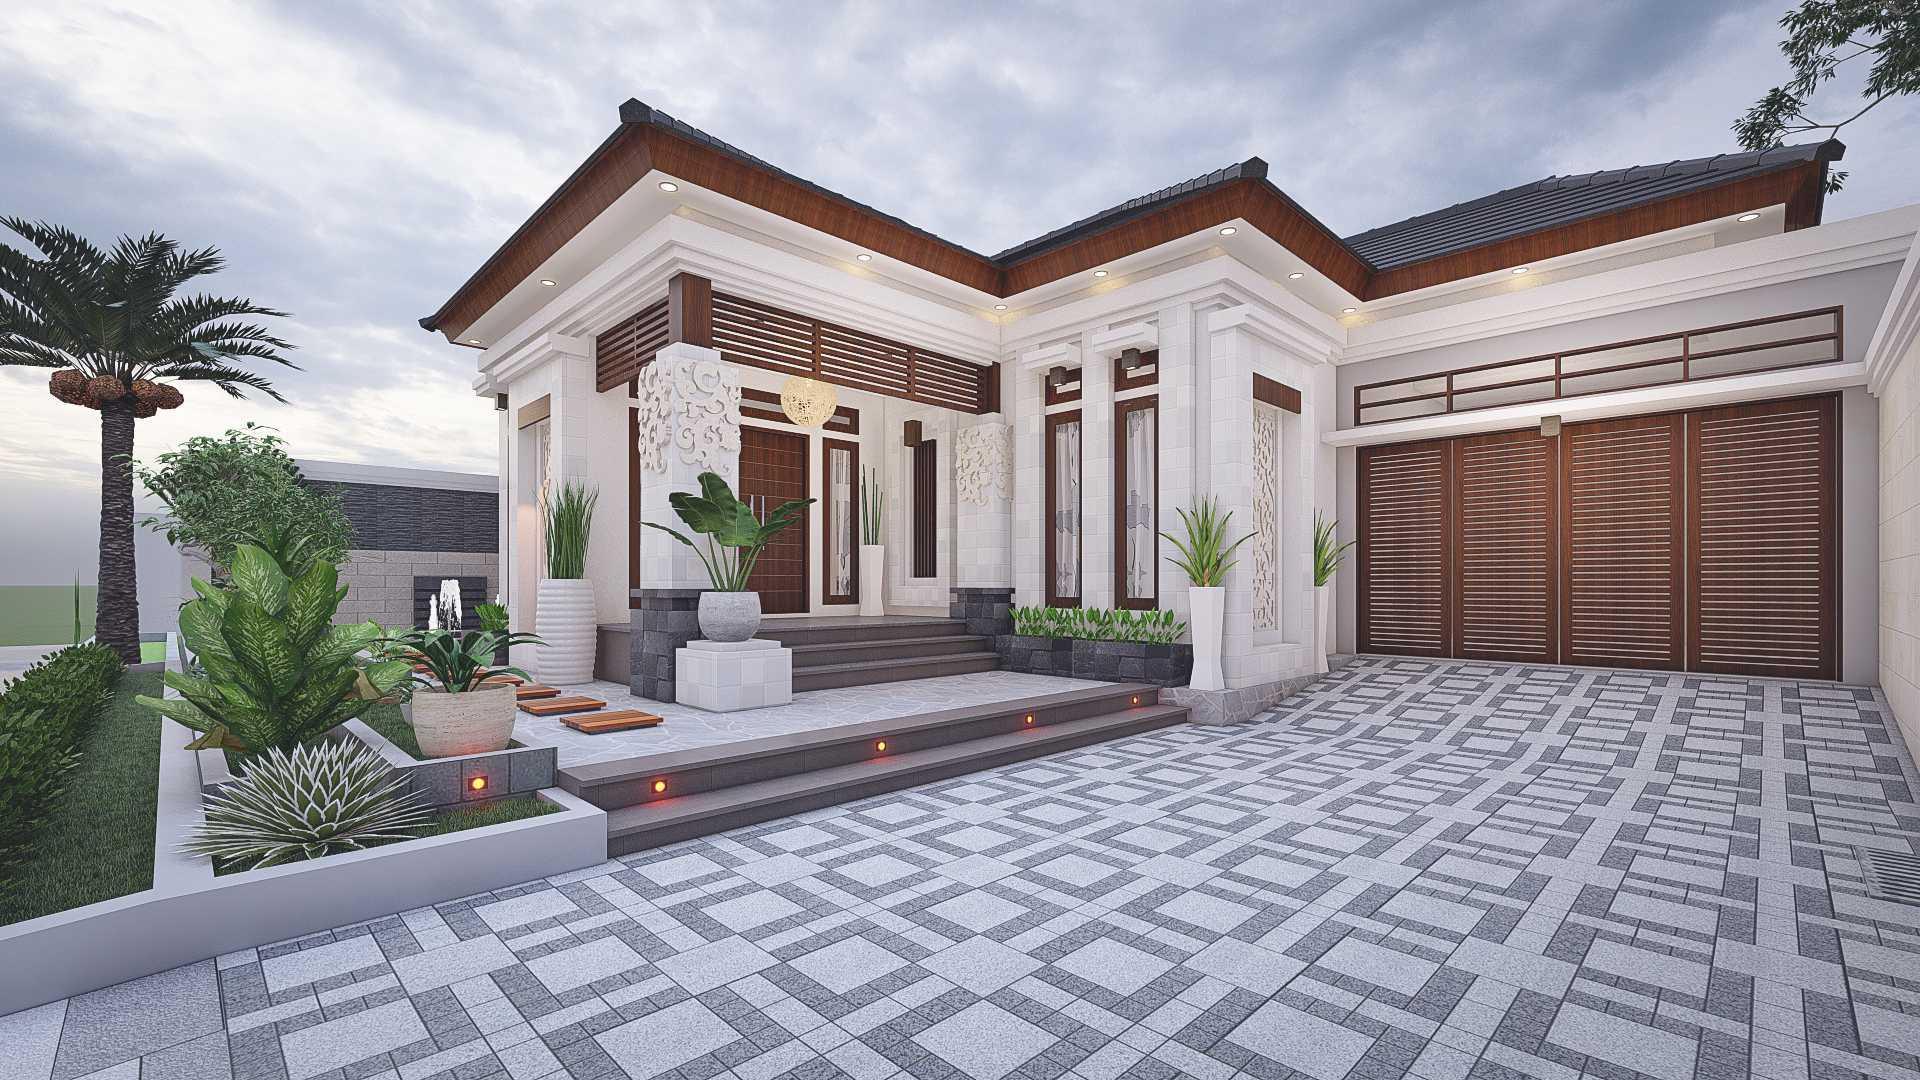 Bimasaka Arsitek & Kontruksi Desain Fasad Bali, Indonesia Bali, Indonesia Bimasaka-Arsitek-Kontruksi-Desain-Fasad   116789